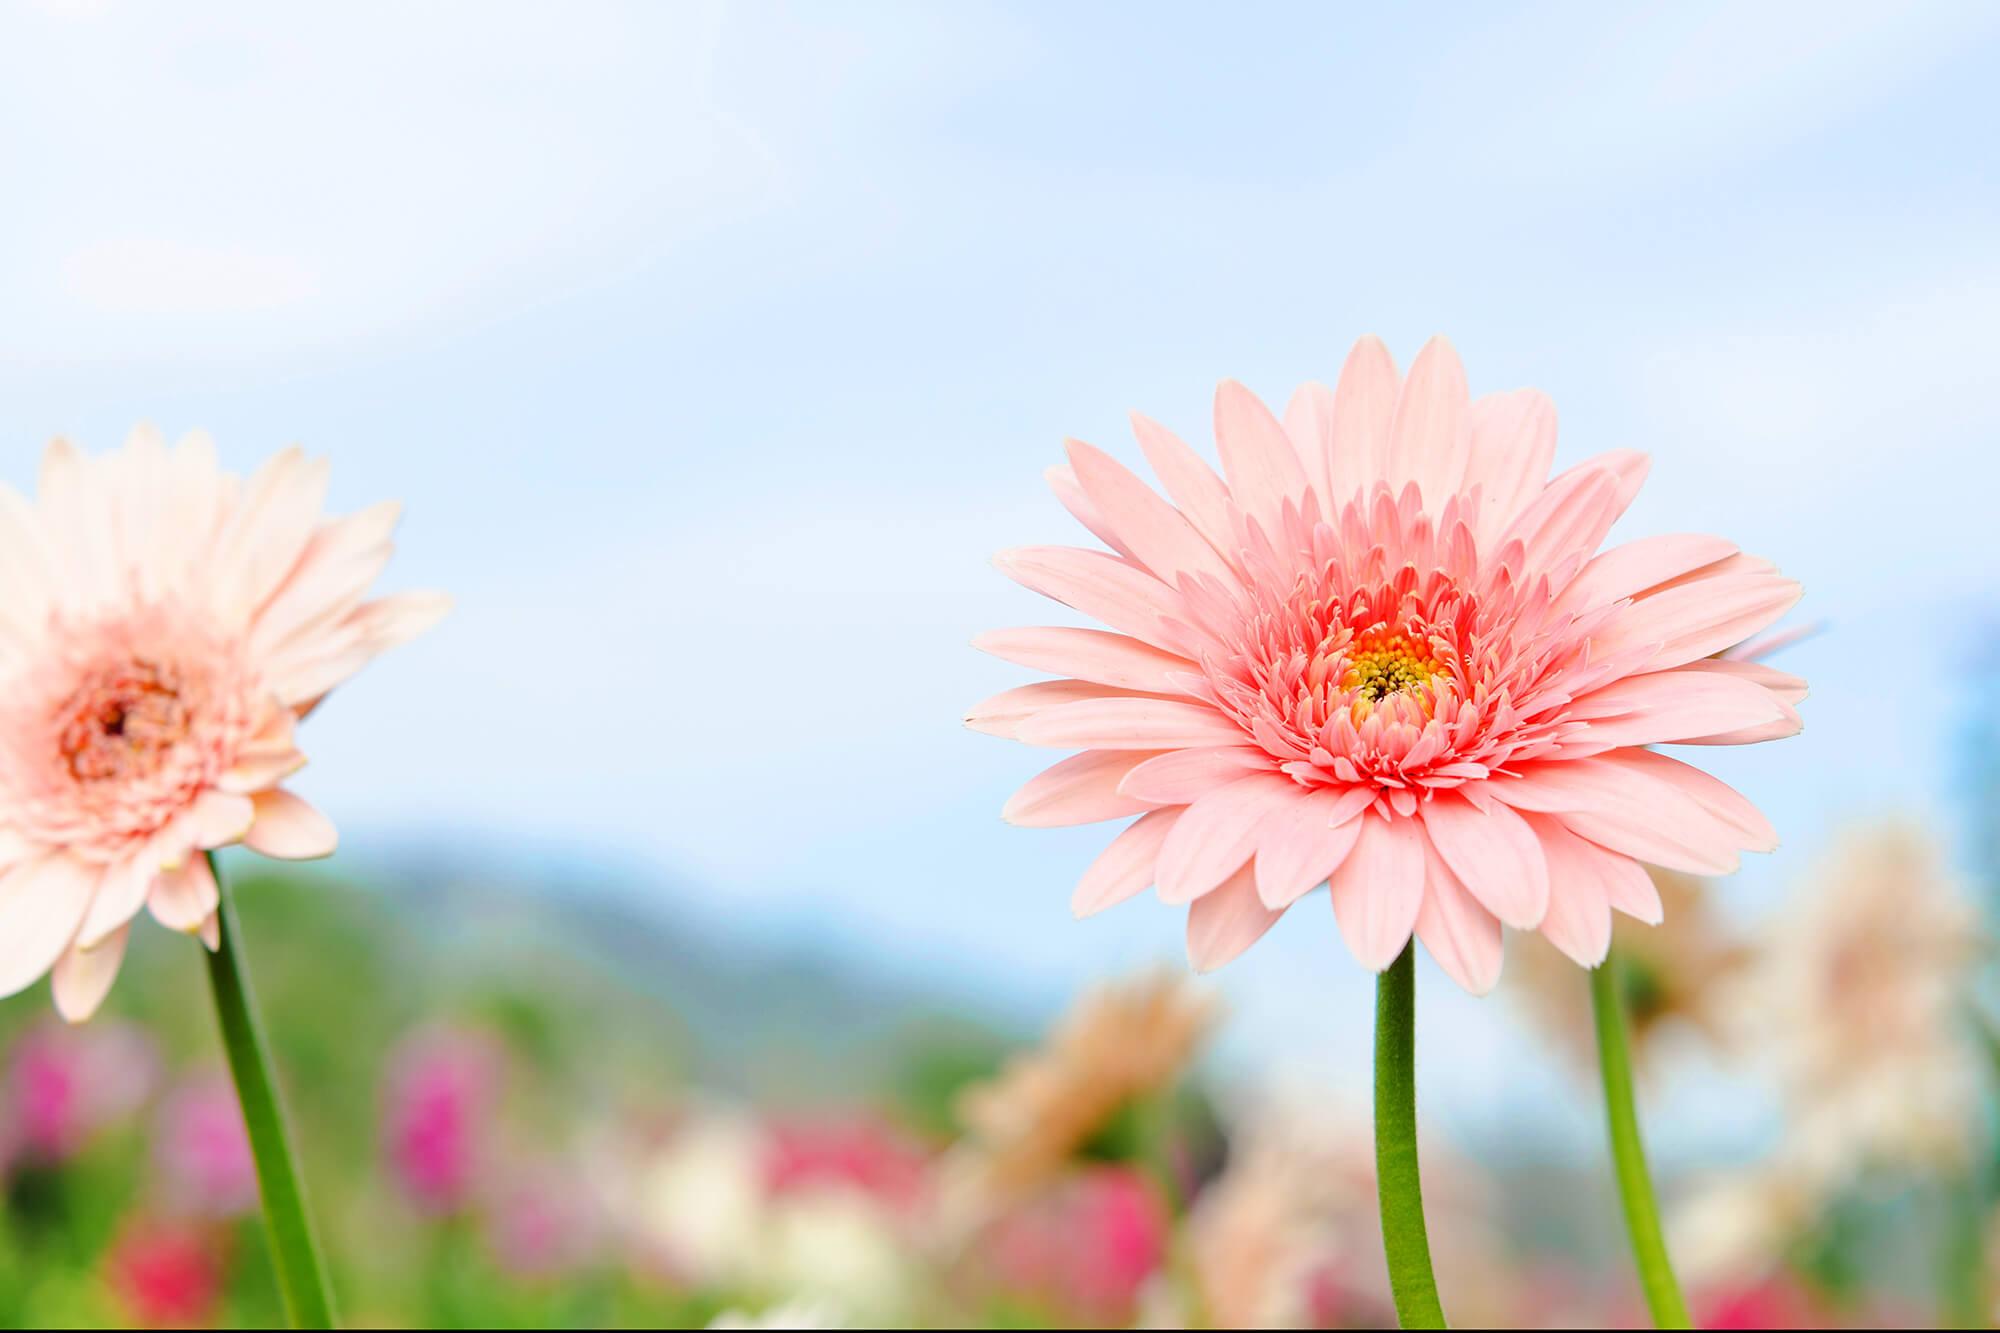 3月の誕生花「フリージア」などの花言葉や育て方|花や花束の宅配 ...